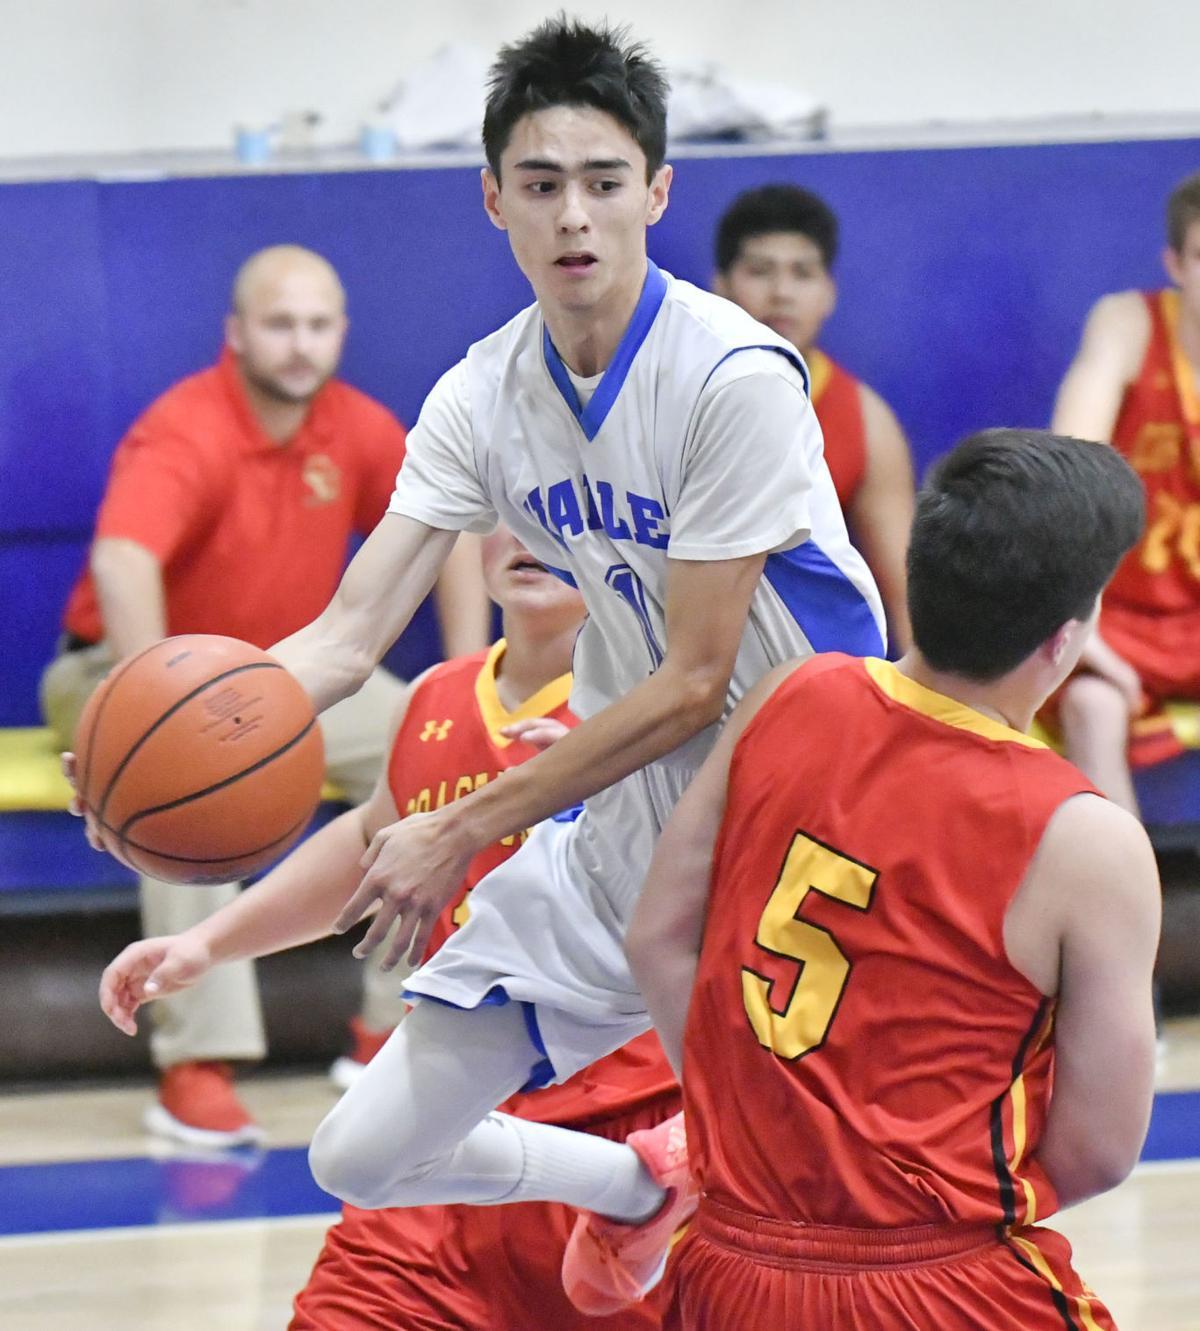 010319 Coast VCA b basketball 02.jpg